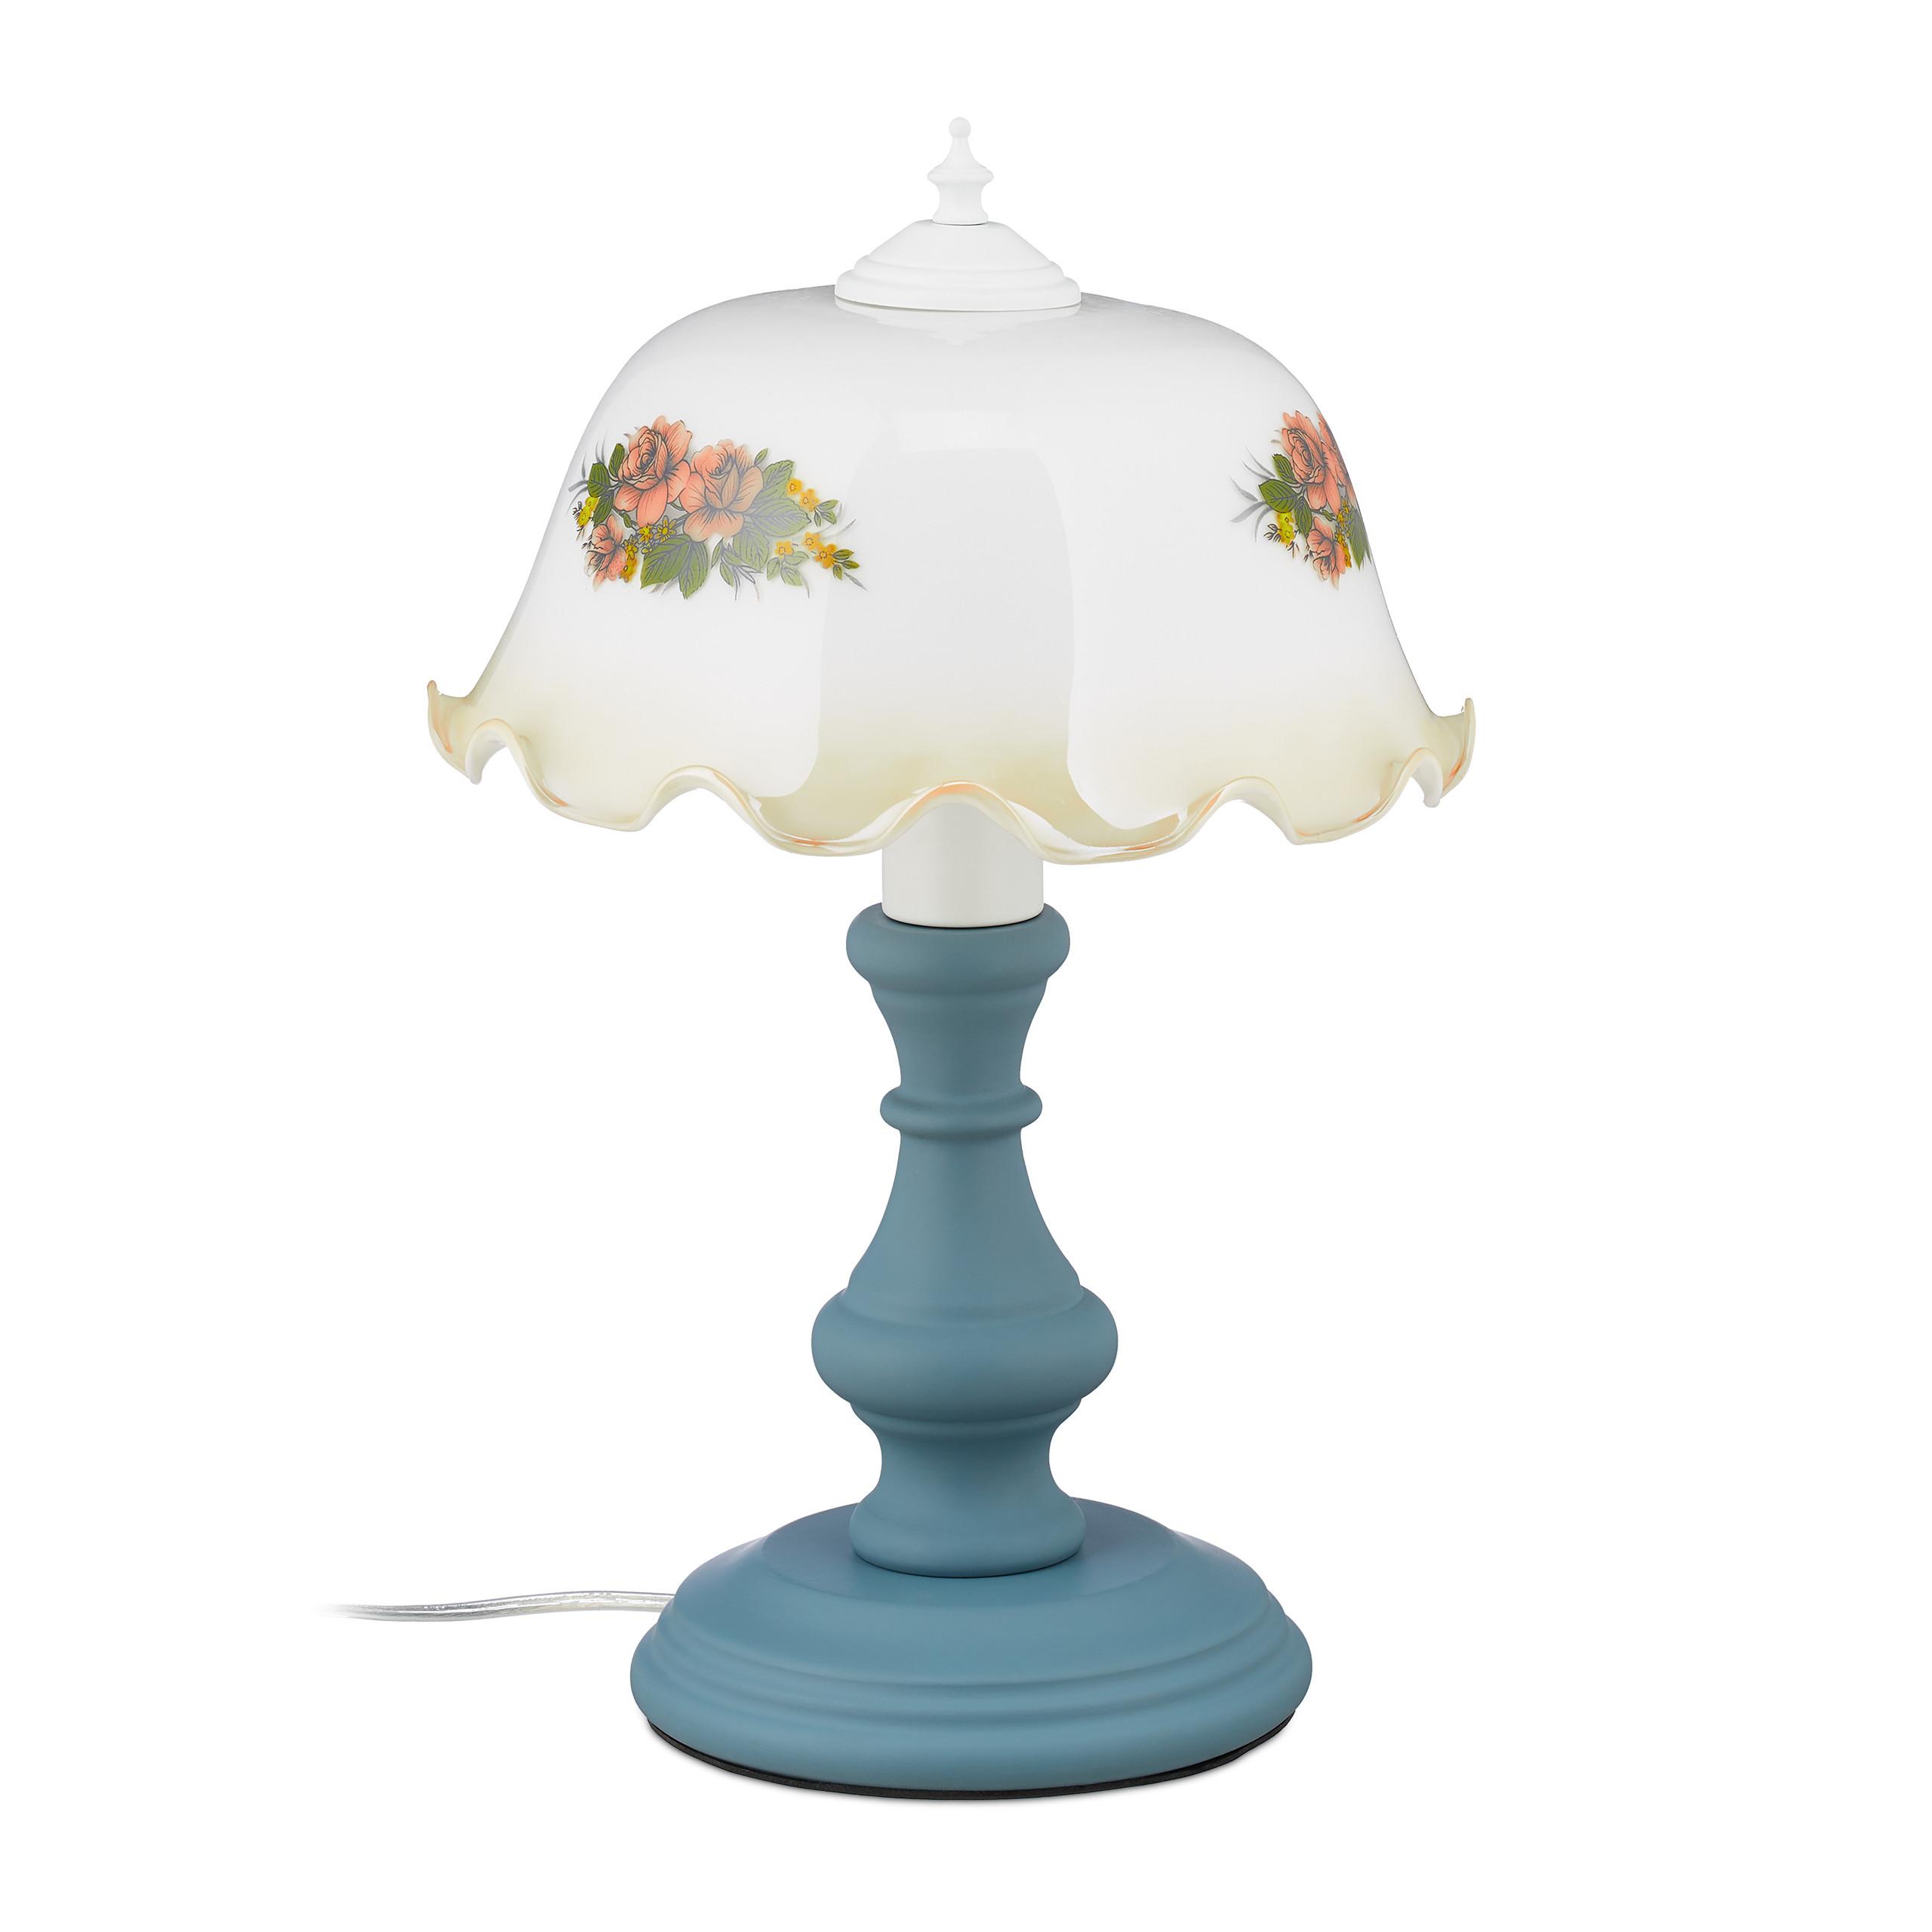 Tischlampe E27 Nachttischlampe Blumen Retro Lampe Schirmlampe Tischleuchte antik